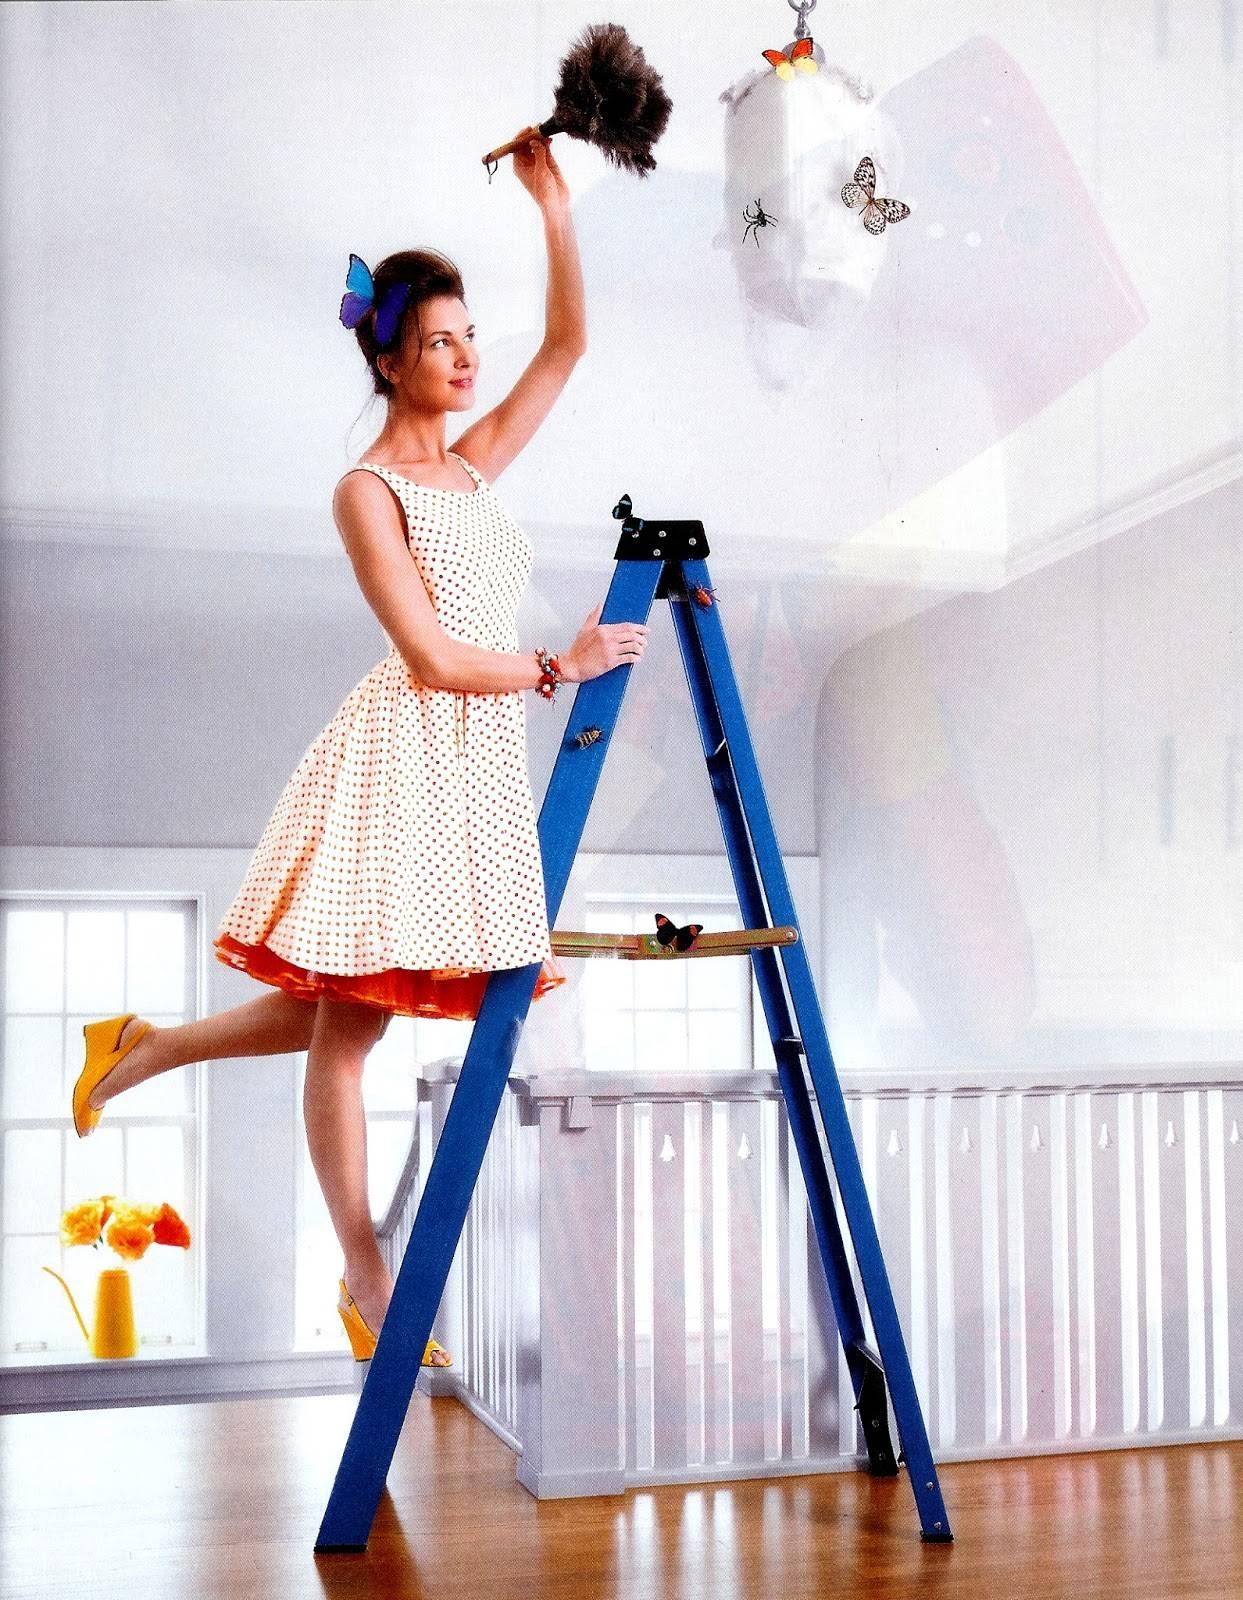 Как мыть матовый натяжной потолок: как ухаживать за матовыми потолками, как правильно мыть без разводов, чем отмыть на кухне, как вымыть, чем помыть